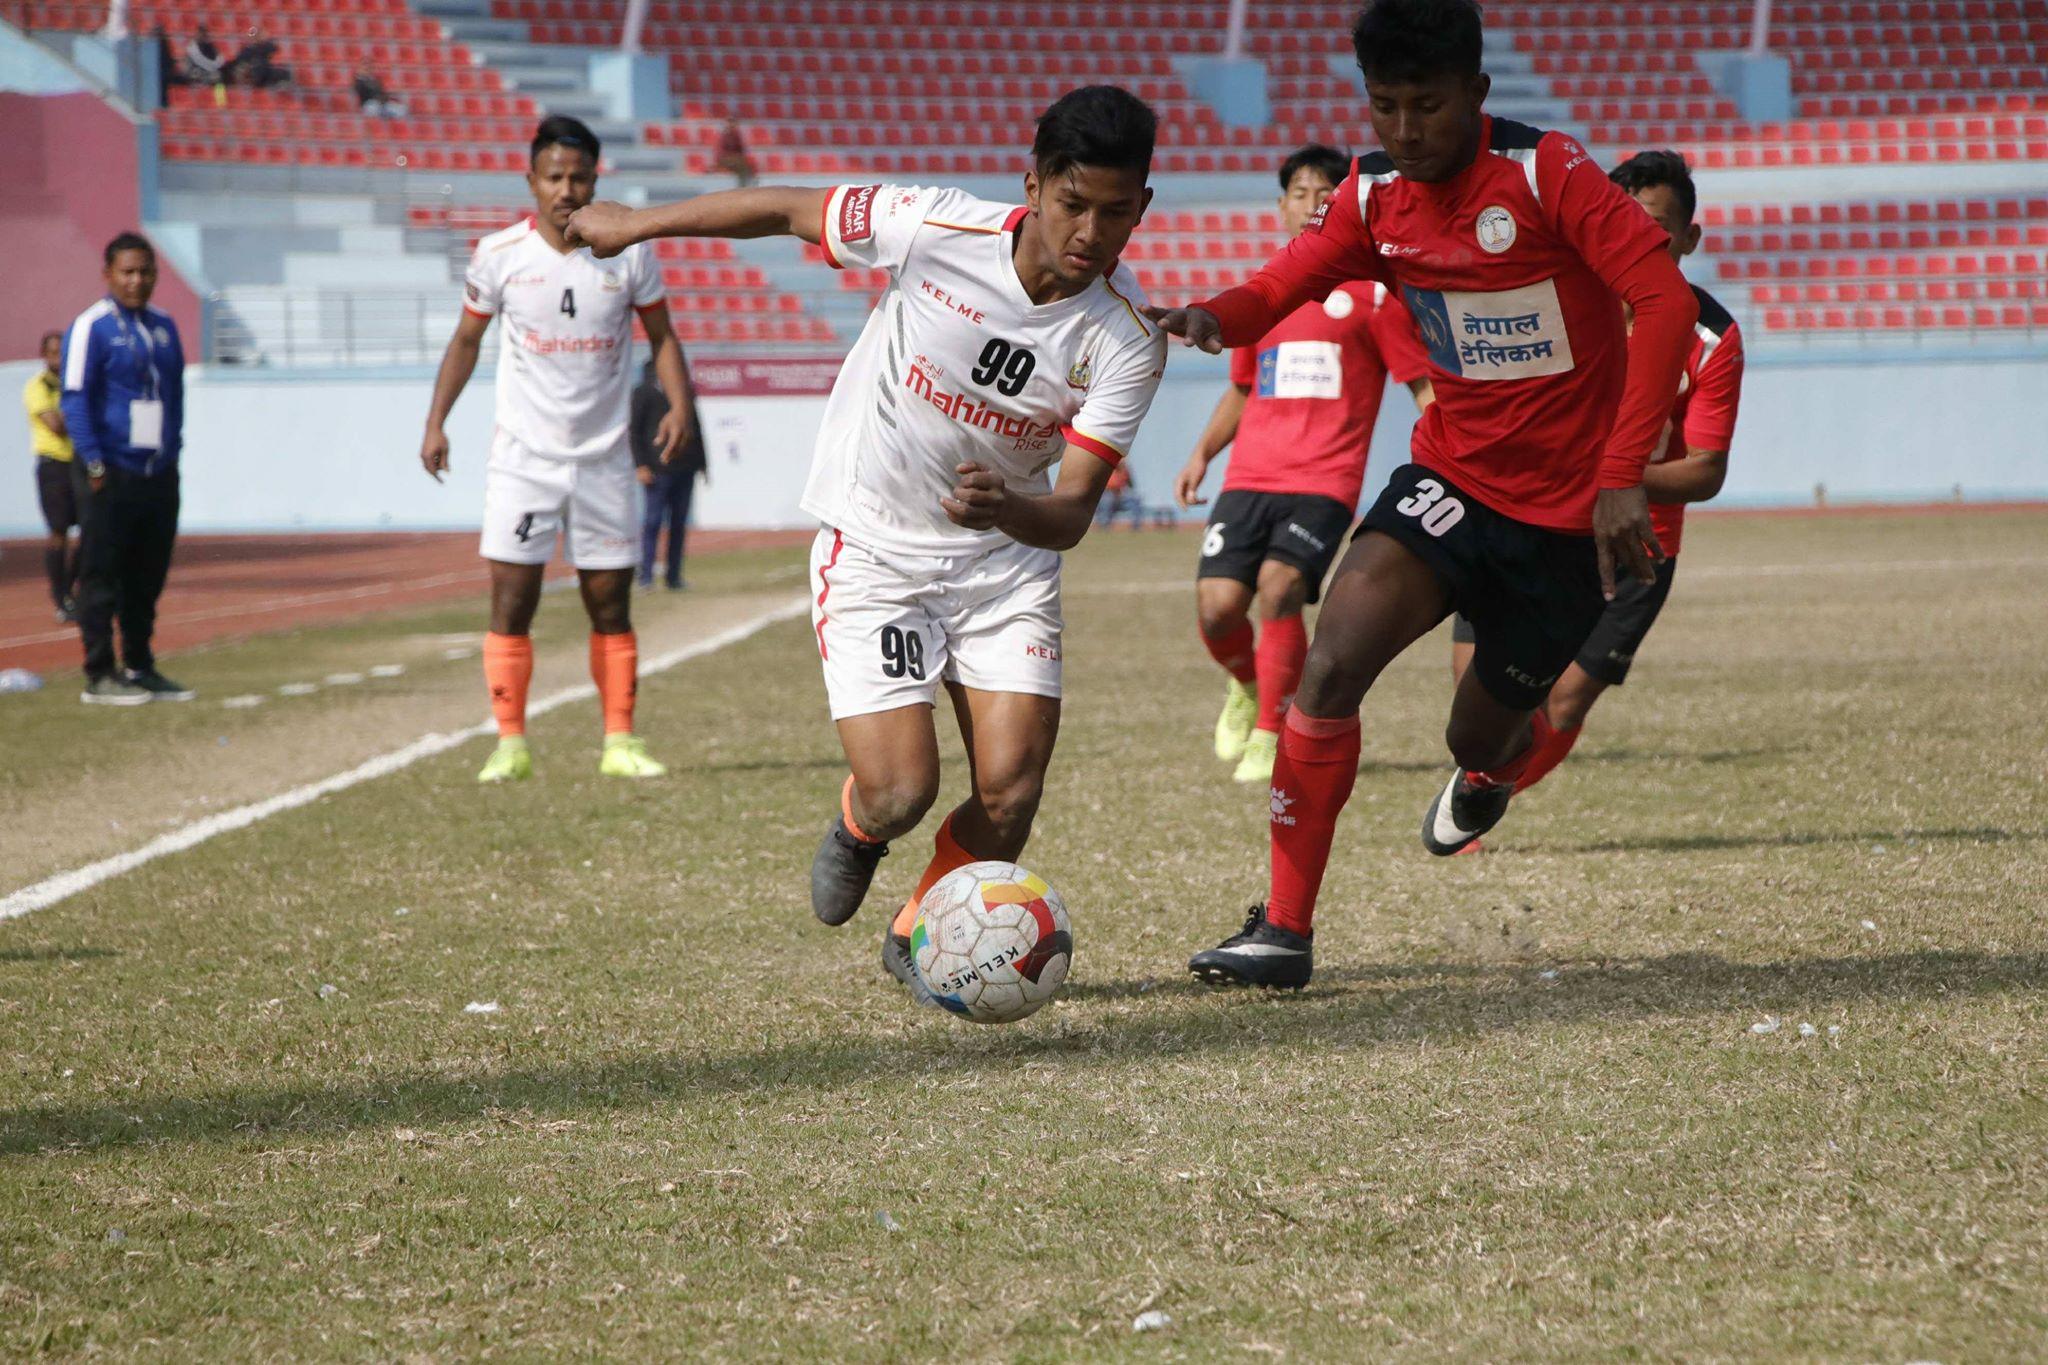 एपीएफ महिला तर्फ शिर्ष स्थानमा, भरतपुर ३-० काे साेझाे सेटमा पराजित